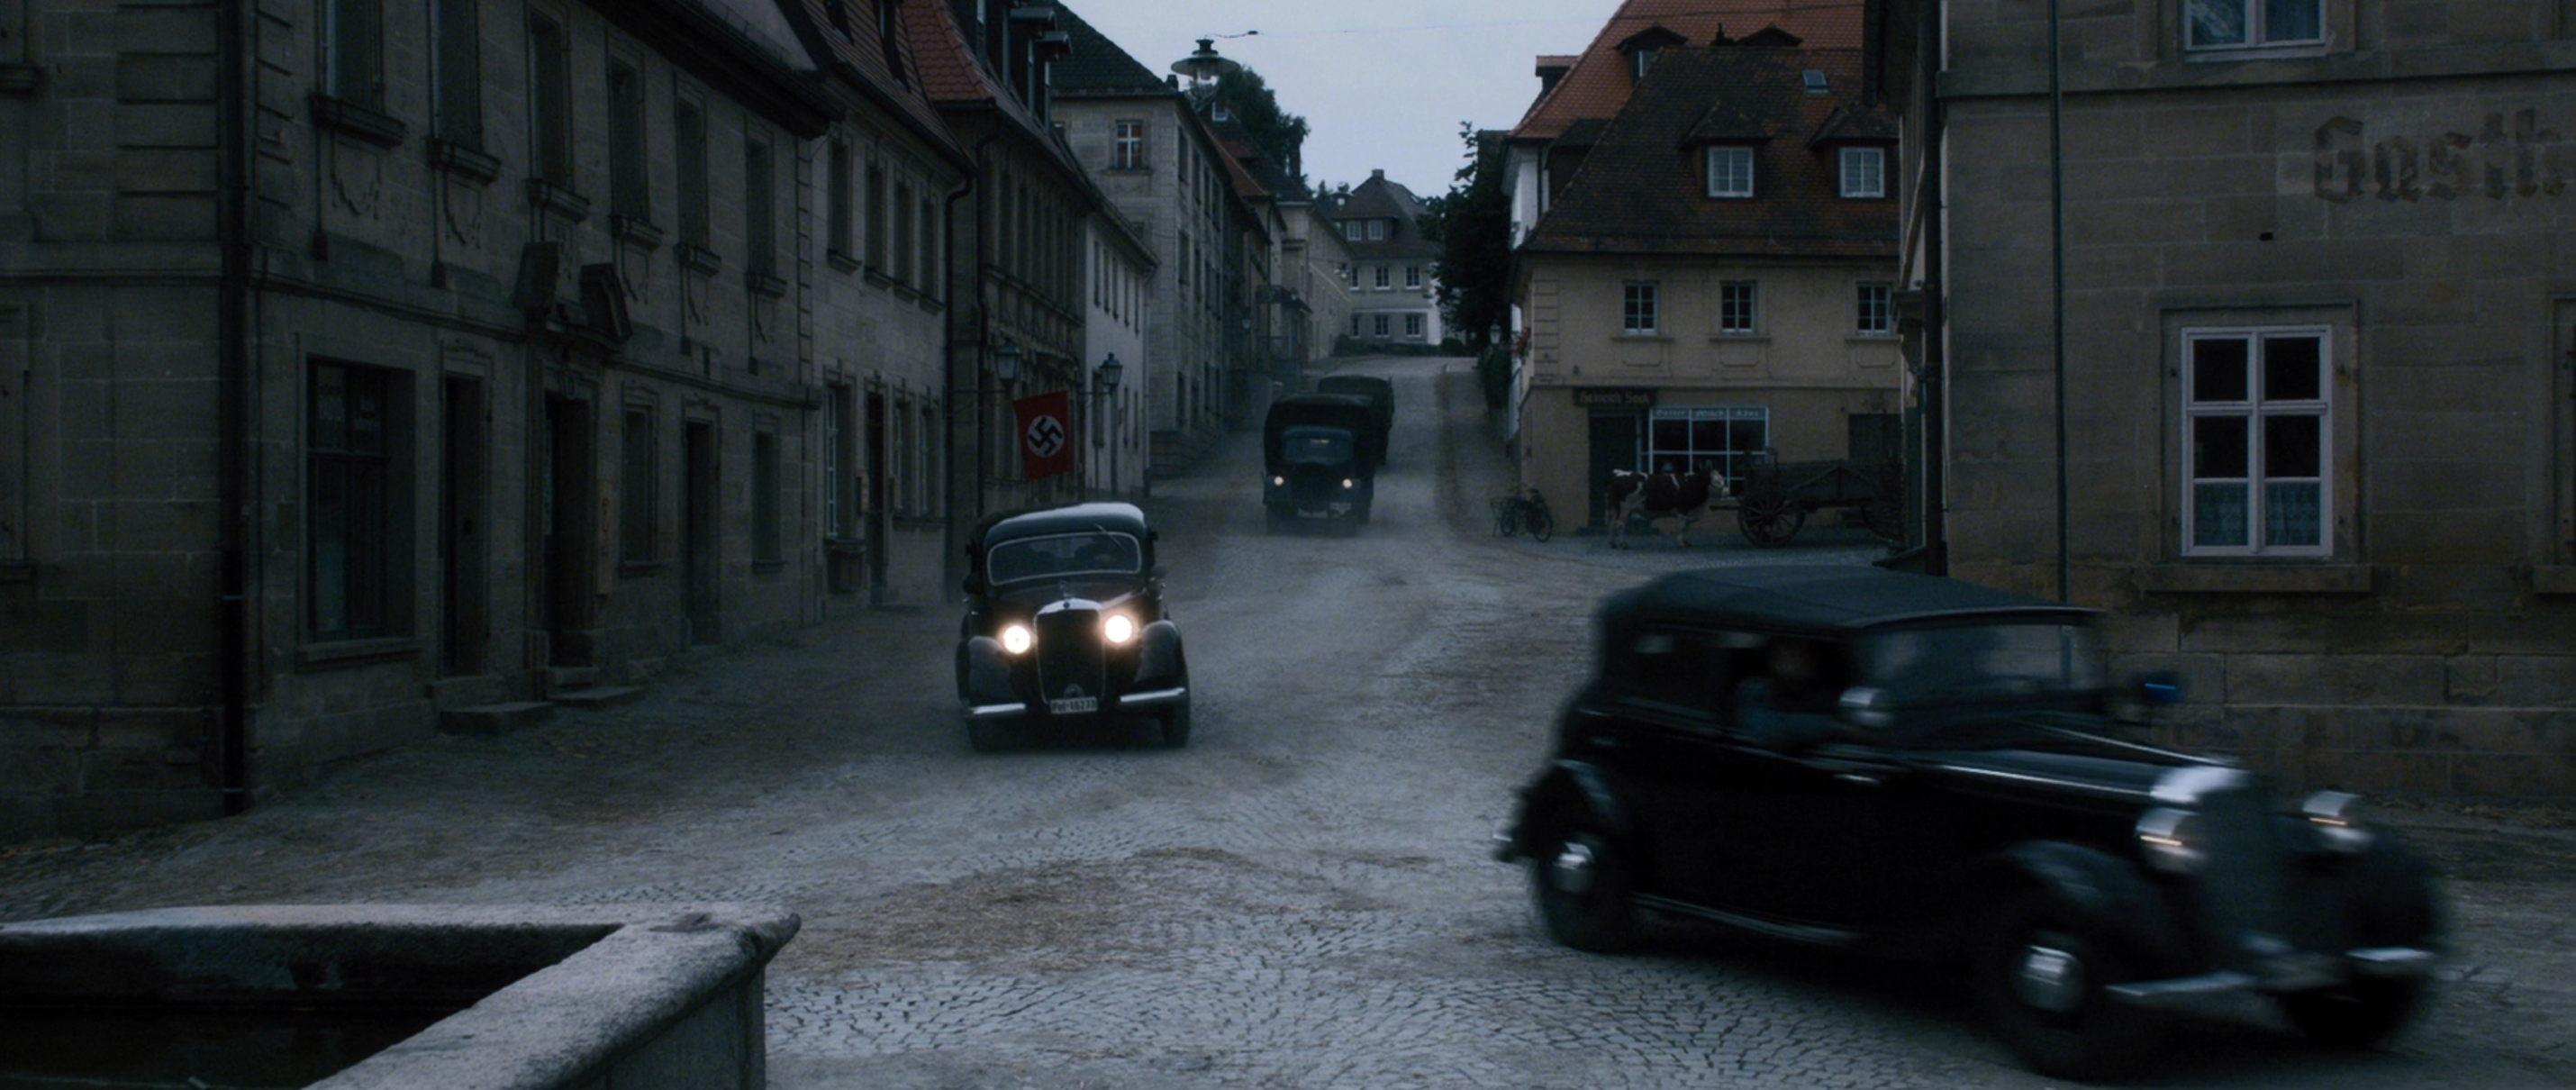 Elser - 13 Minutes - Fahrzeuge der gefürchteten Gestapo - Regie Oliver Hirschbiegel - Kamera Judith Kaufmann